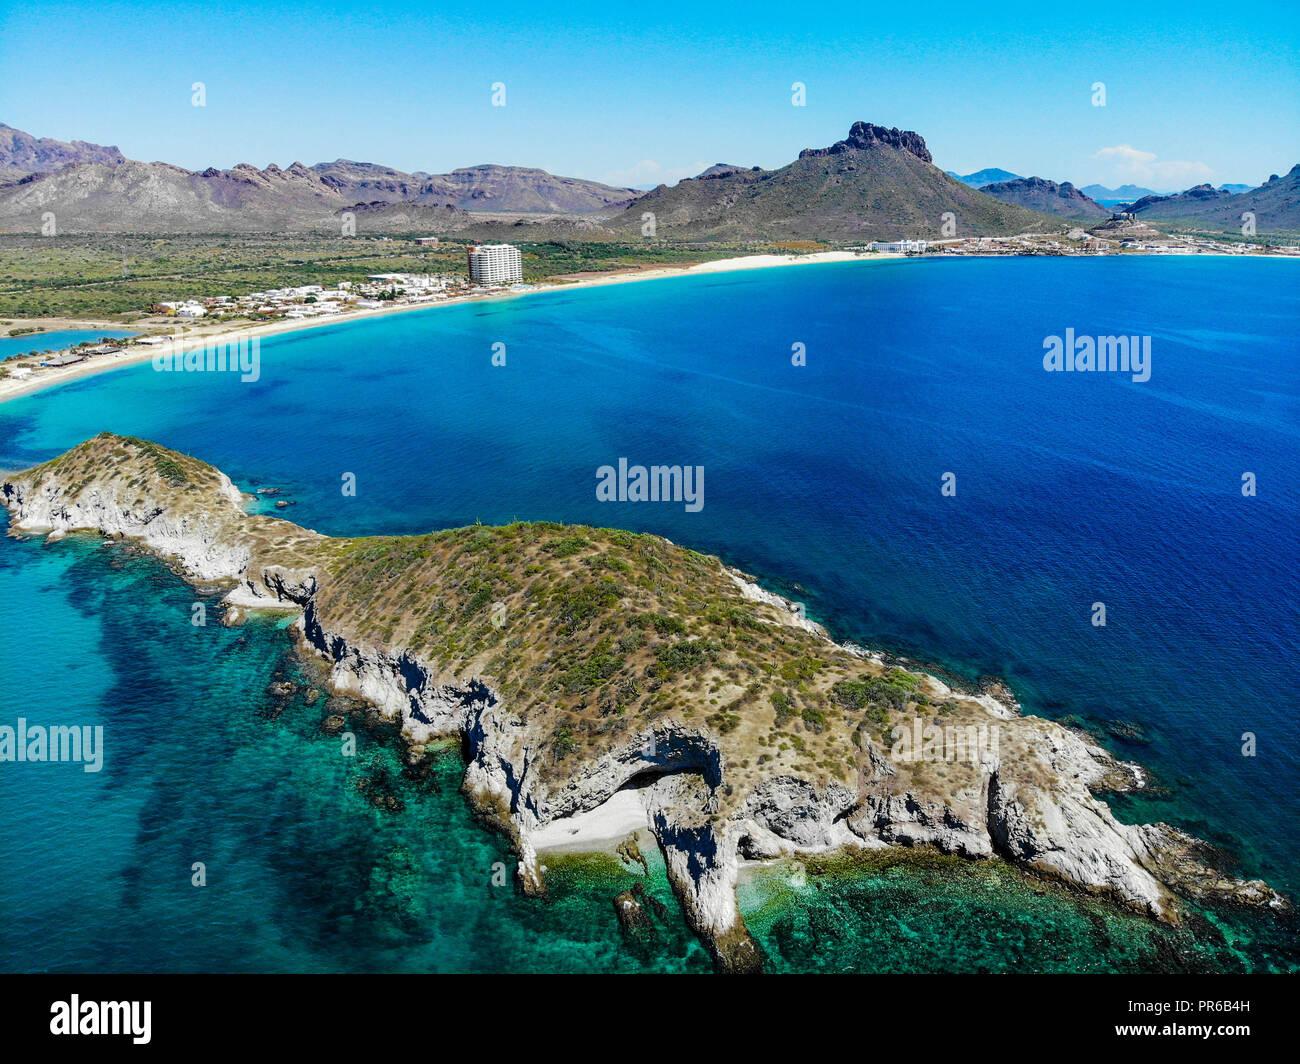 Mar Oceano Pacifico Stockfotos Mar Oceano Pacifico Bilder Alamy